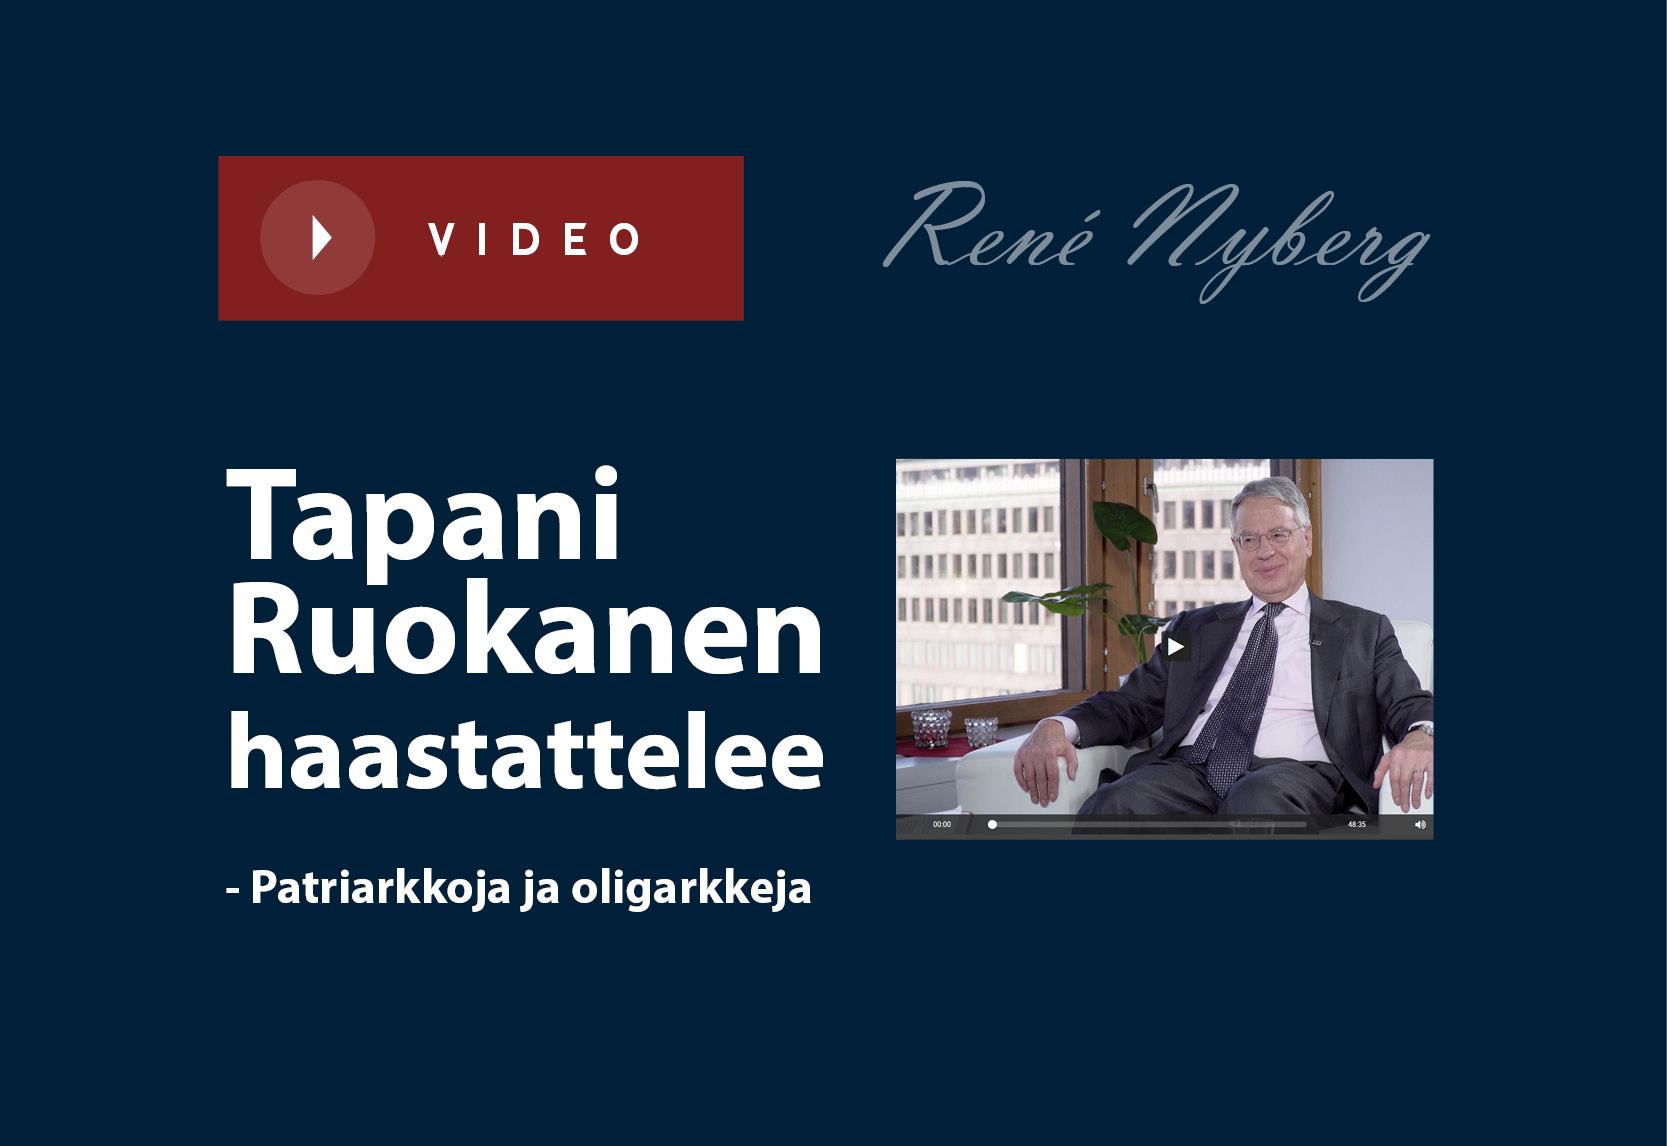 Patriarkkoja ja oligarkkeja: Tapani Ruokanen haastattelee